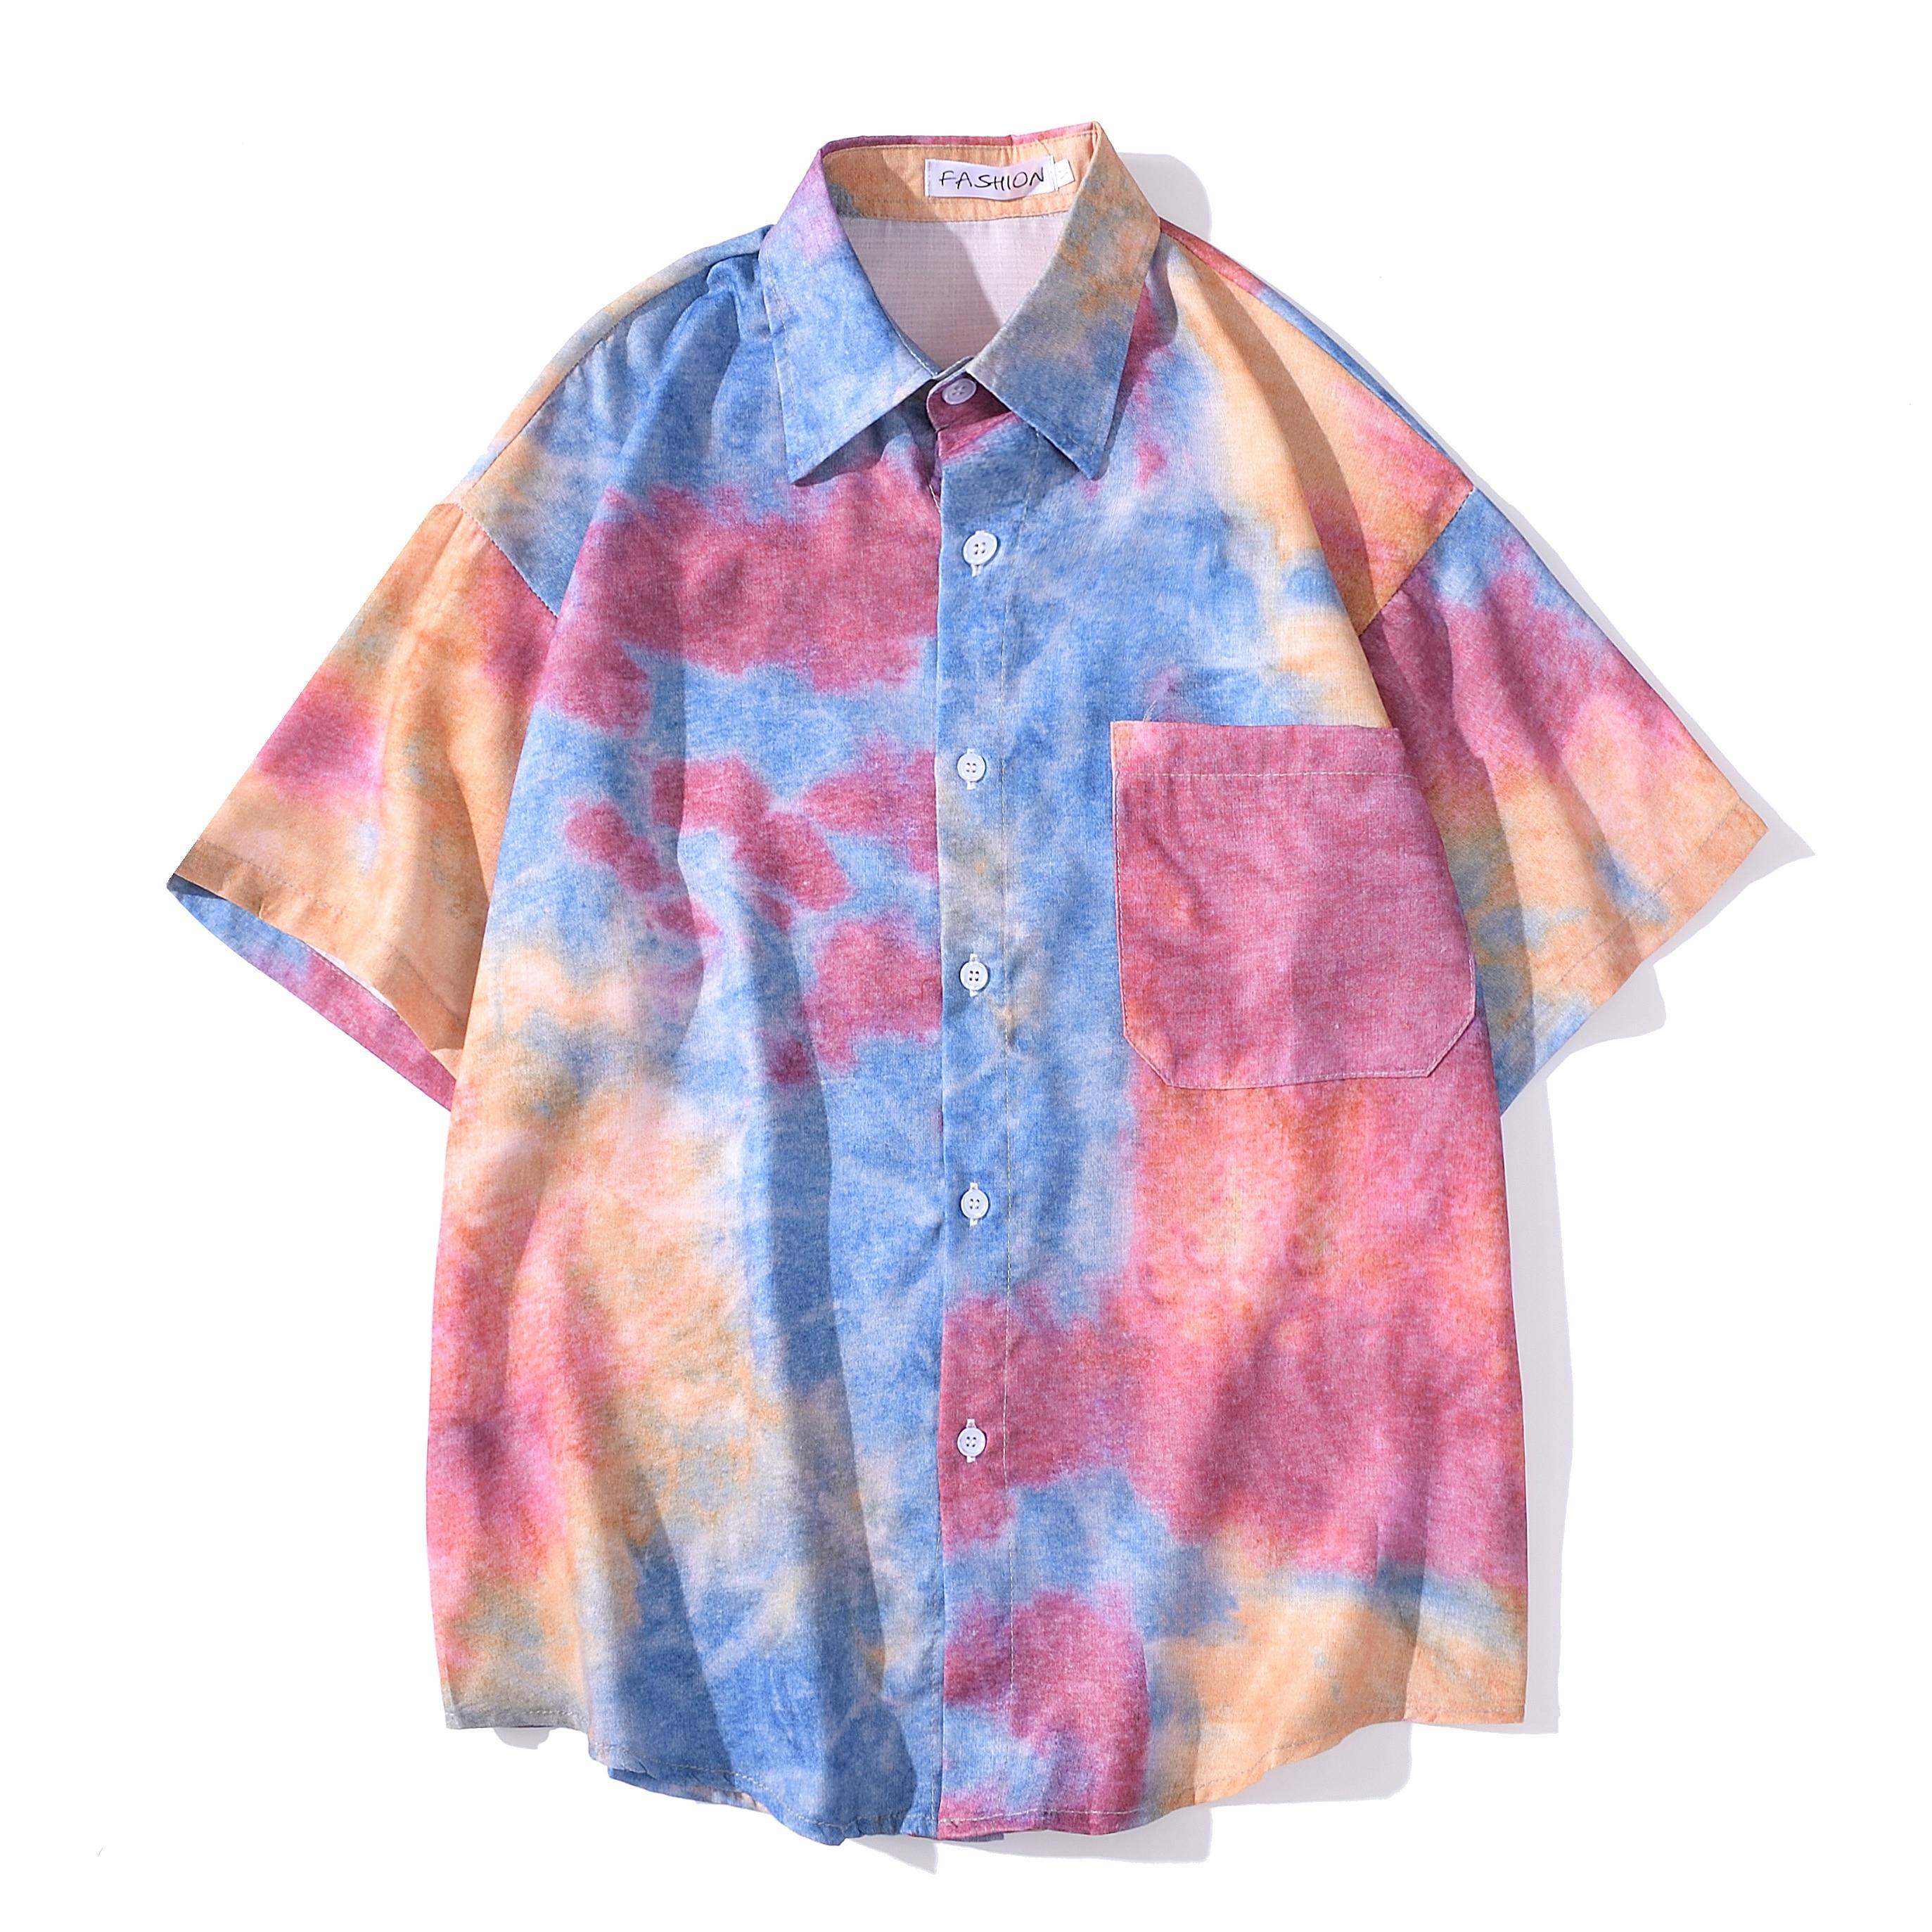 Men's Top Casual Loose Solid Short Sleeve Tie-dye Short Sleeve Shirt Beach Short Sleeve  Man Shirt Mannelijke Mannen Shirts Tops